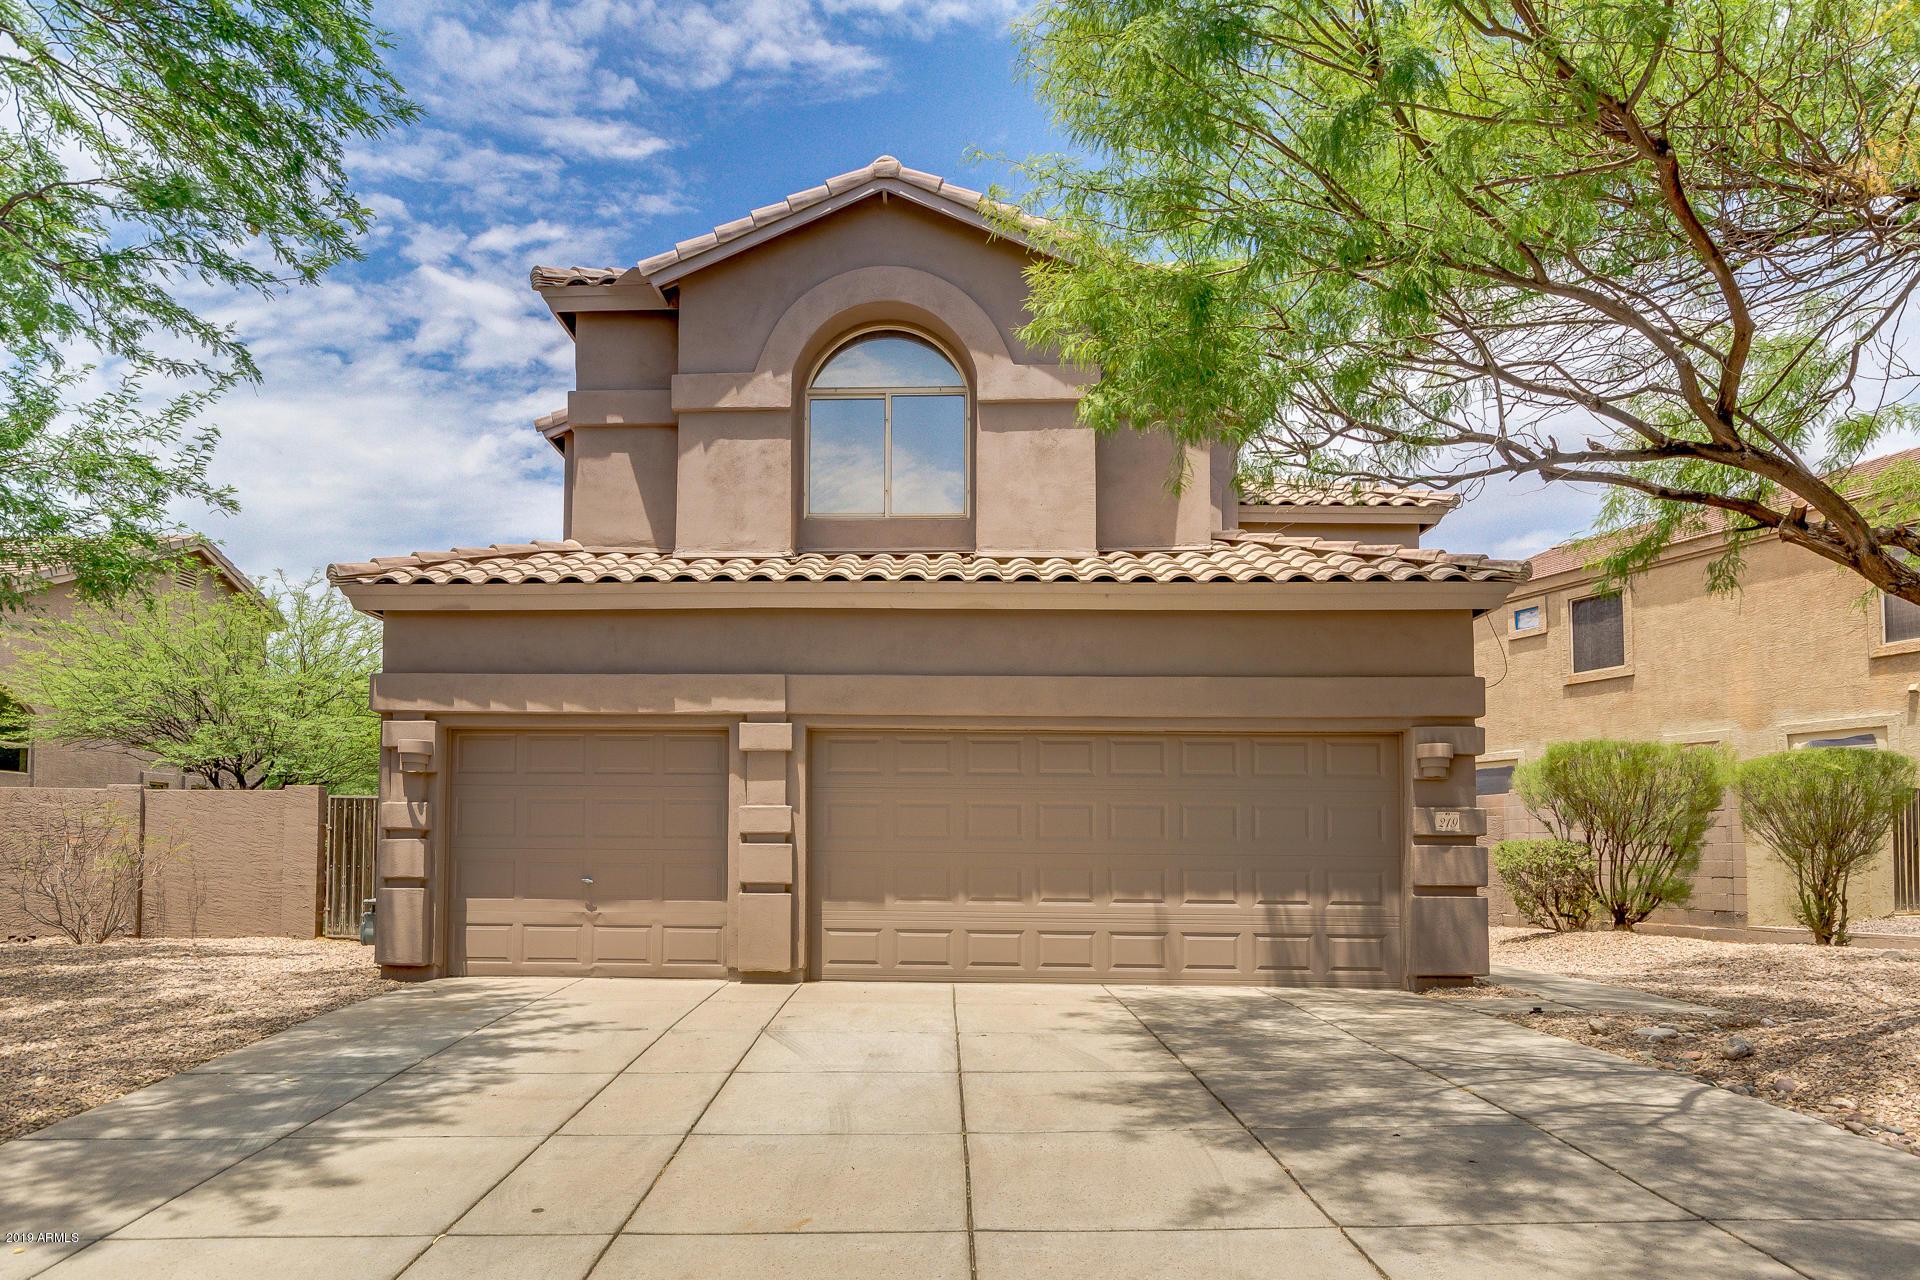 Photo of 3055 N RED MOUNTAIN -- #219, Mesa, AZ 85207